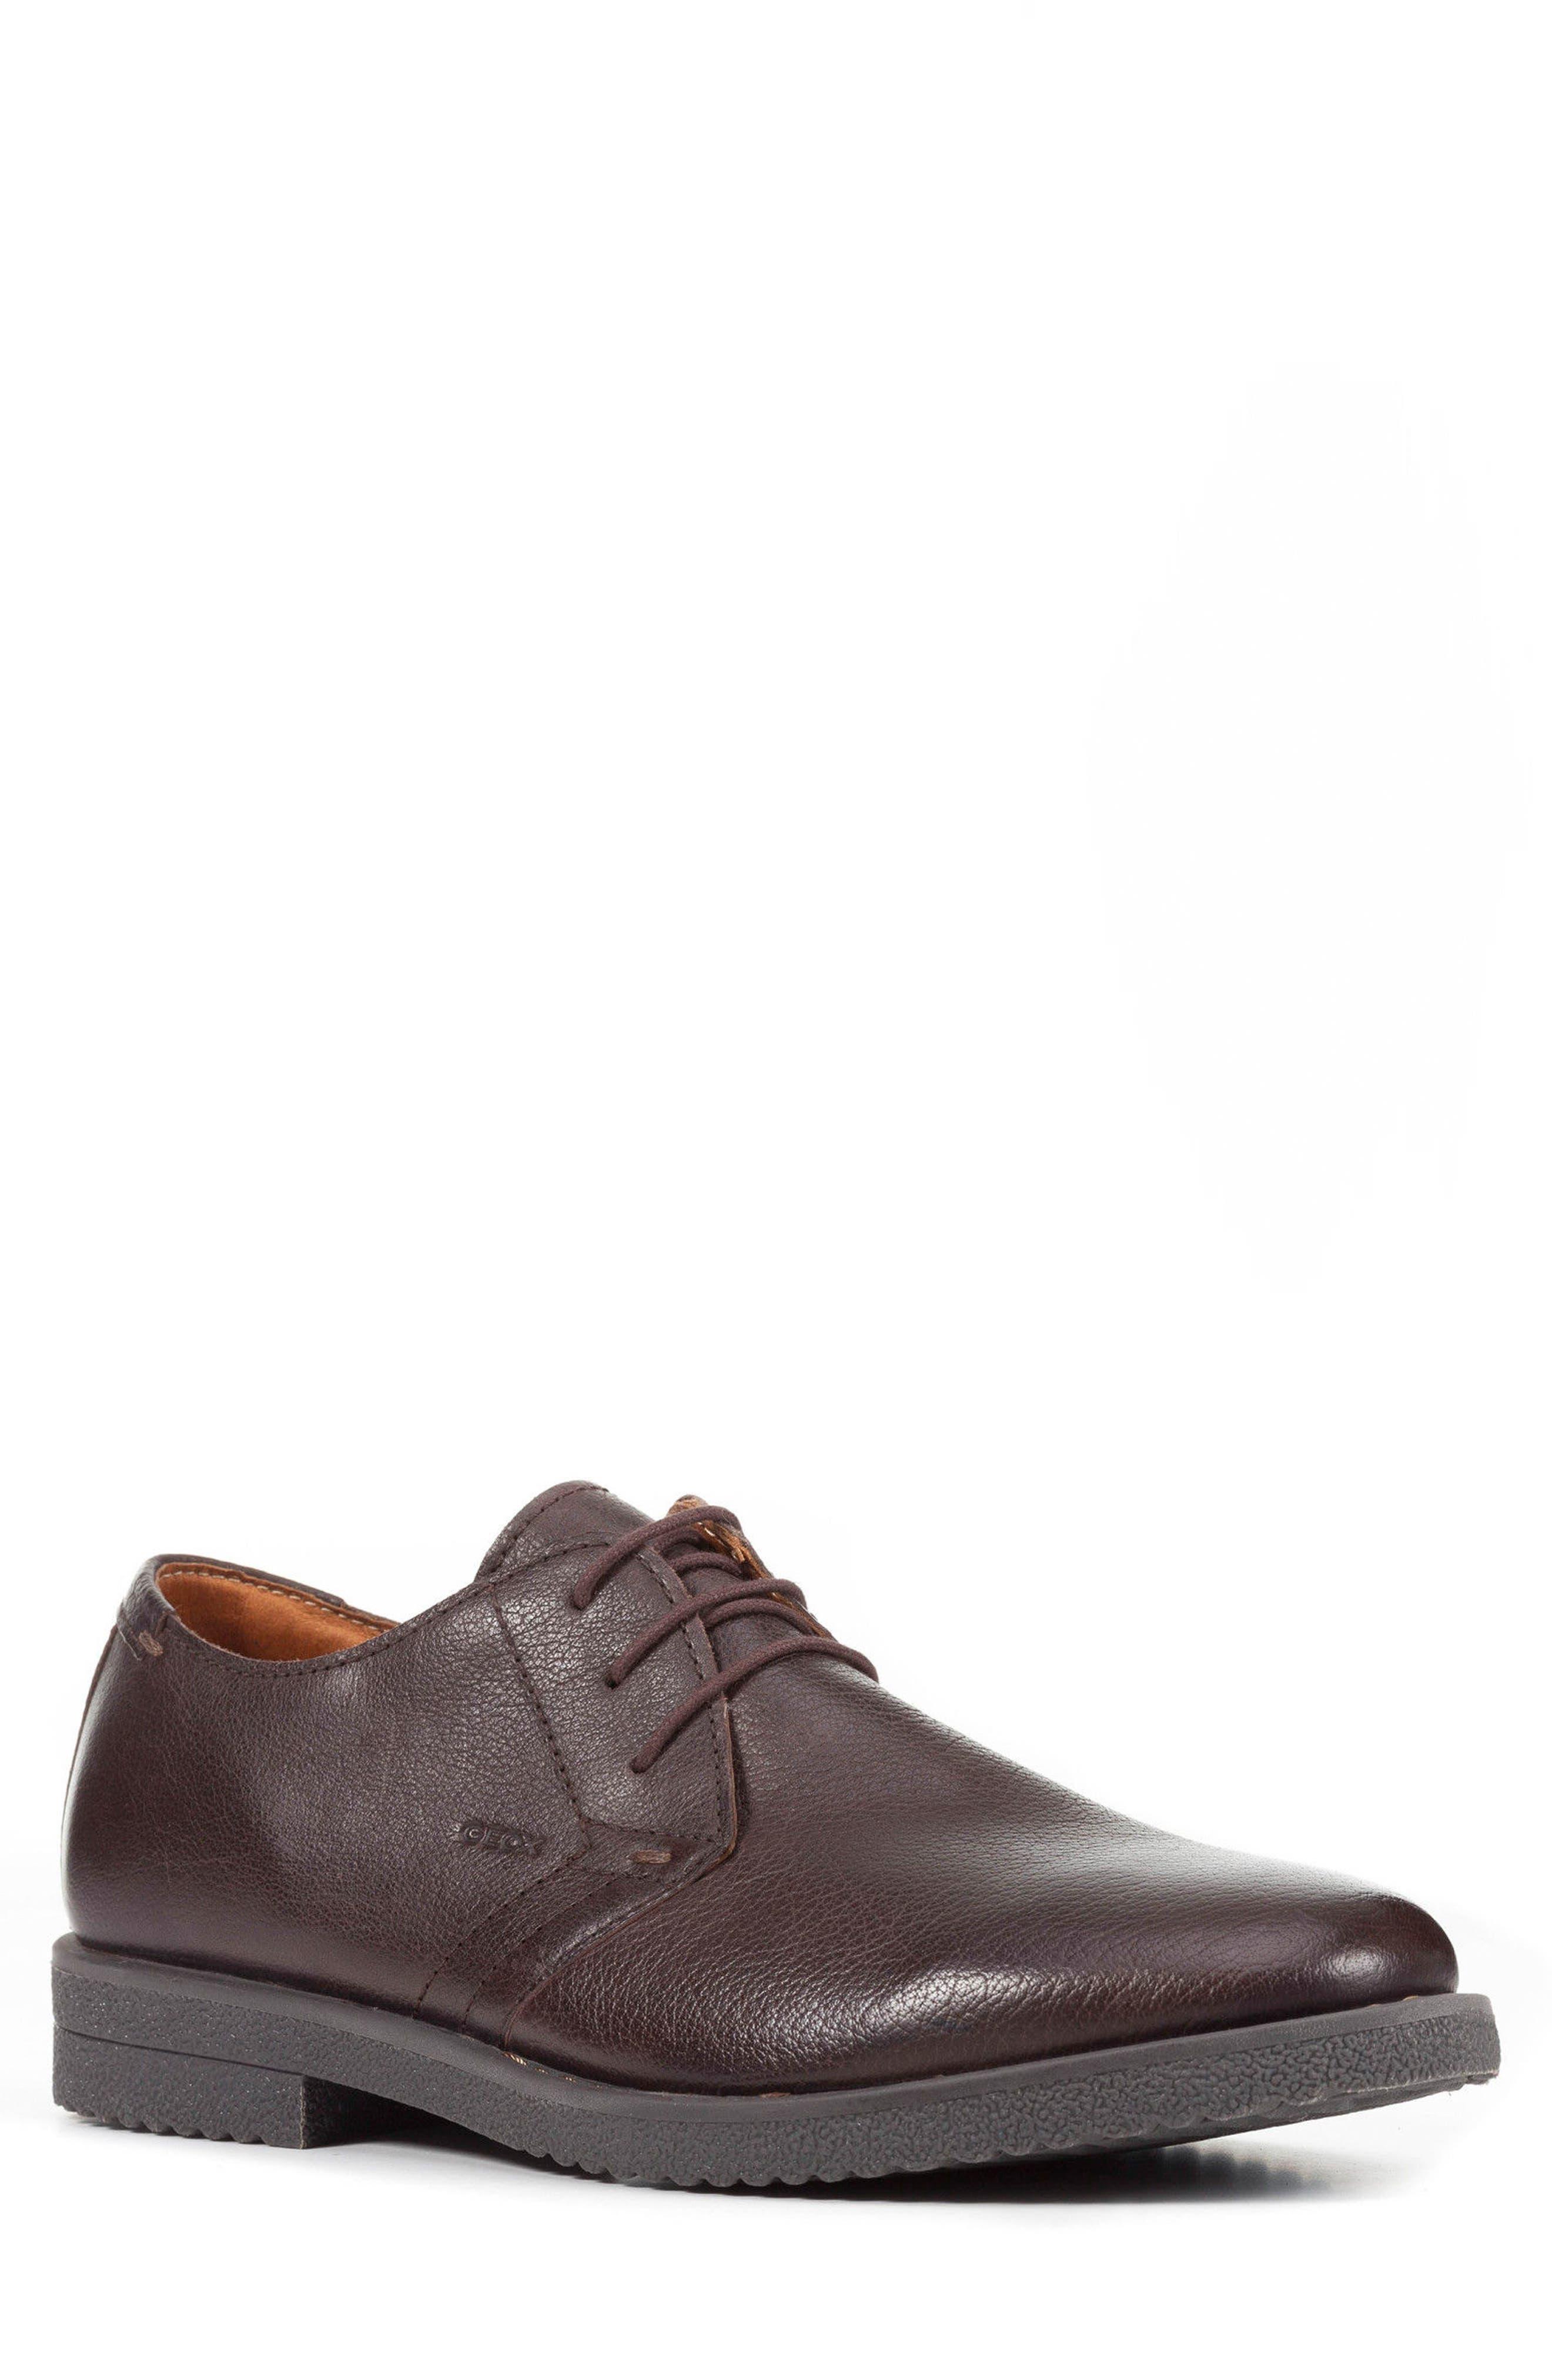 Geox Brandled Plain Toe Derby (Men)